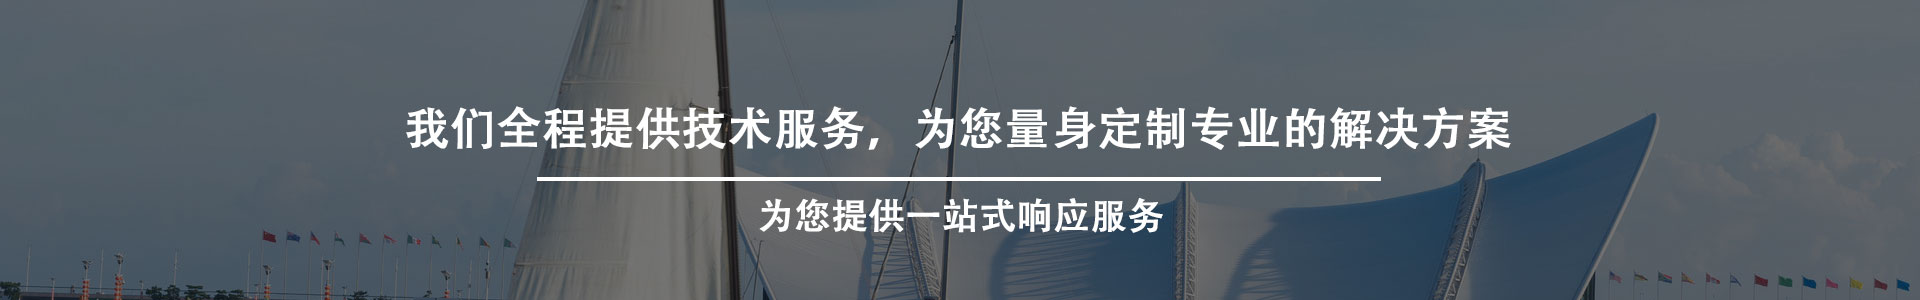 佛山傅粤不锈钢有限公司